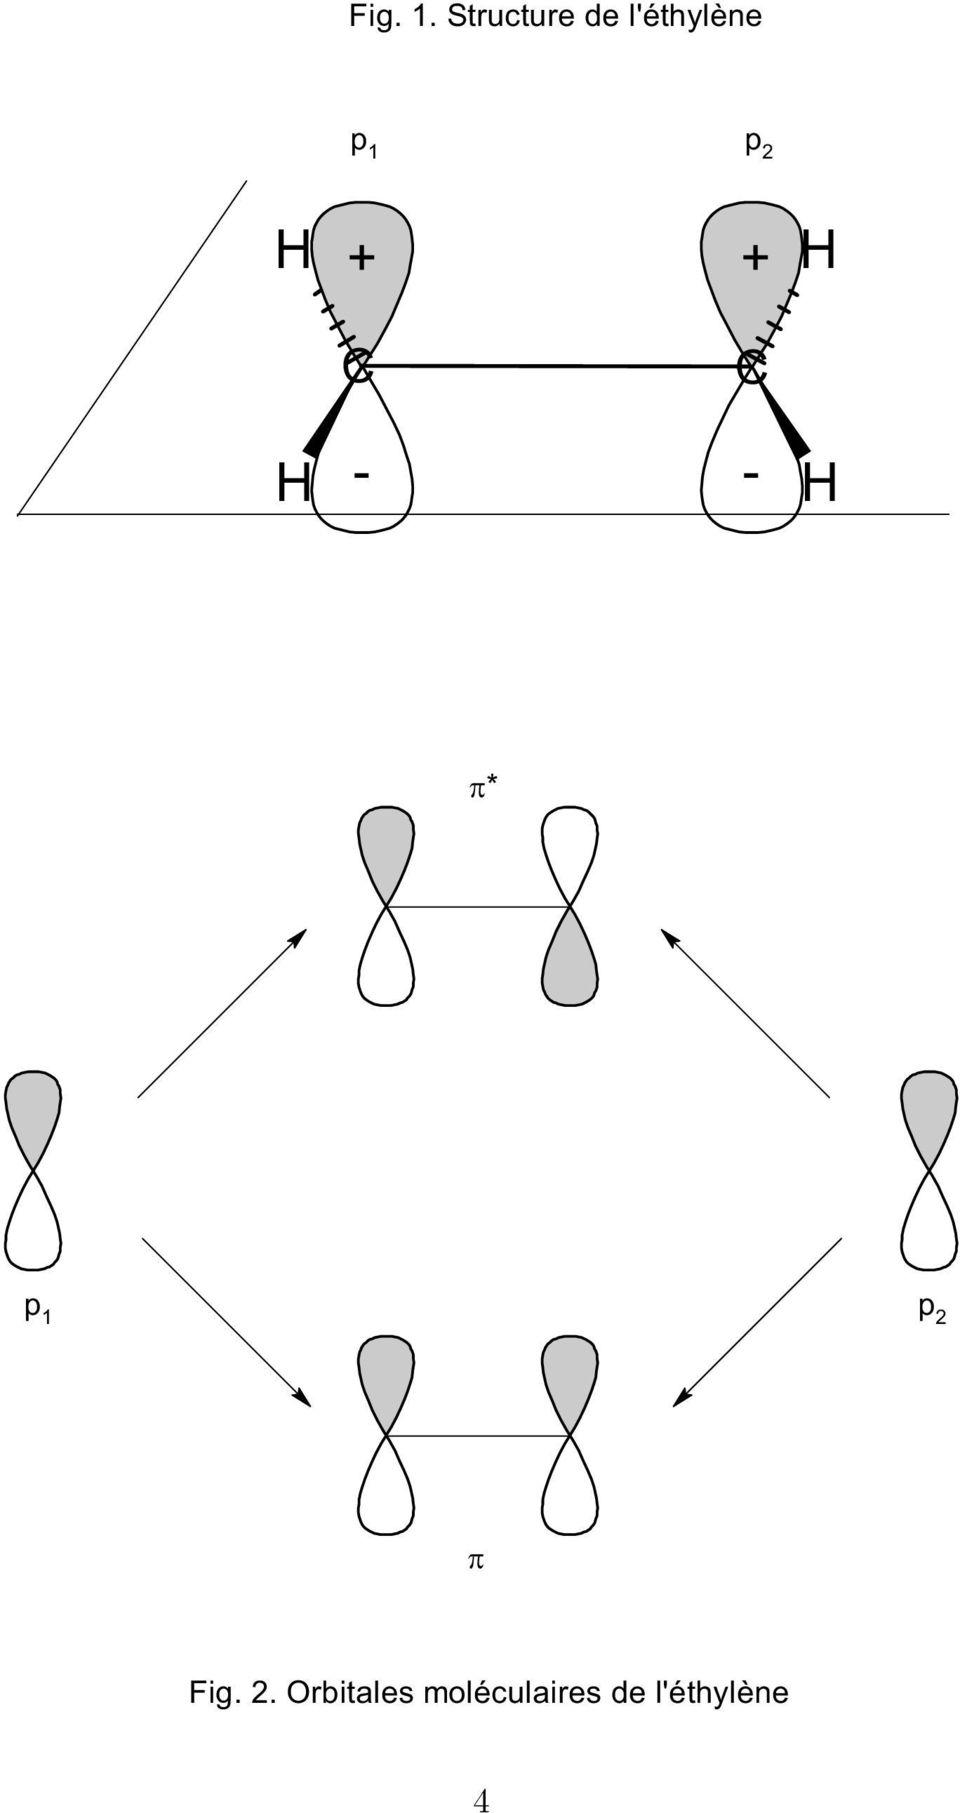 hight resolution of 5 par convention on prend le coecient c 1 0 on obtient donc c 1 1 et c 1 l quation des om est donc 1